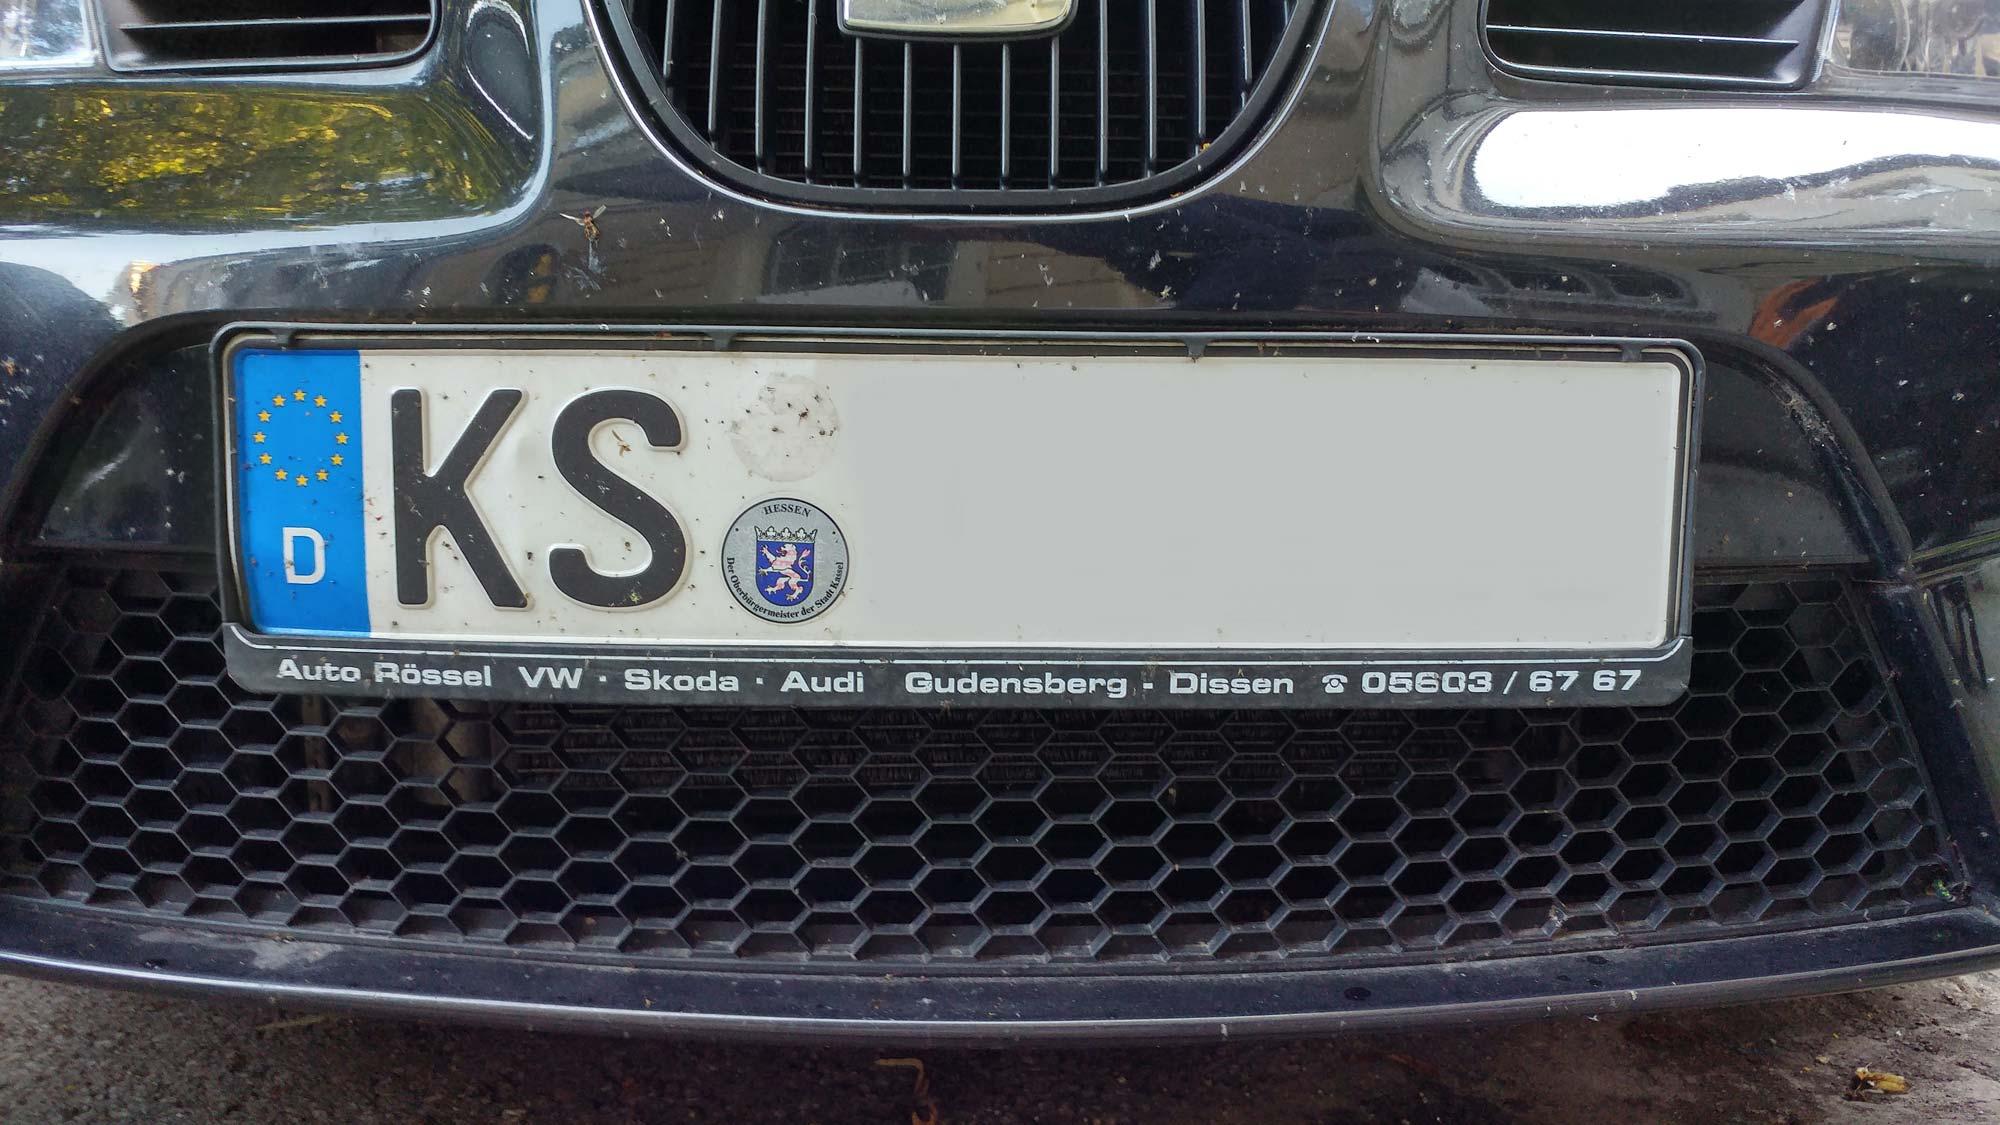 Auto mit dem Kennzeichen KS